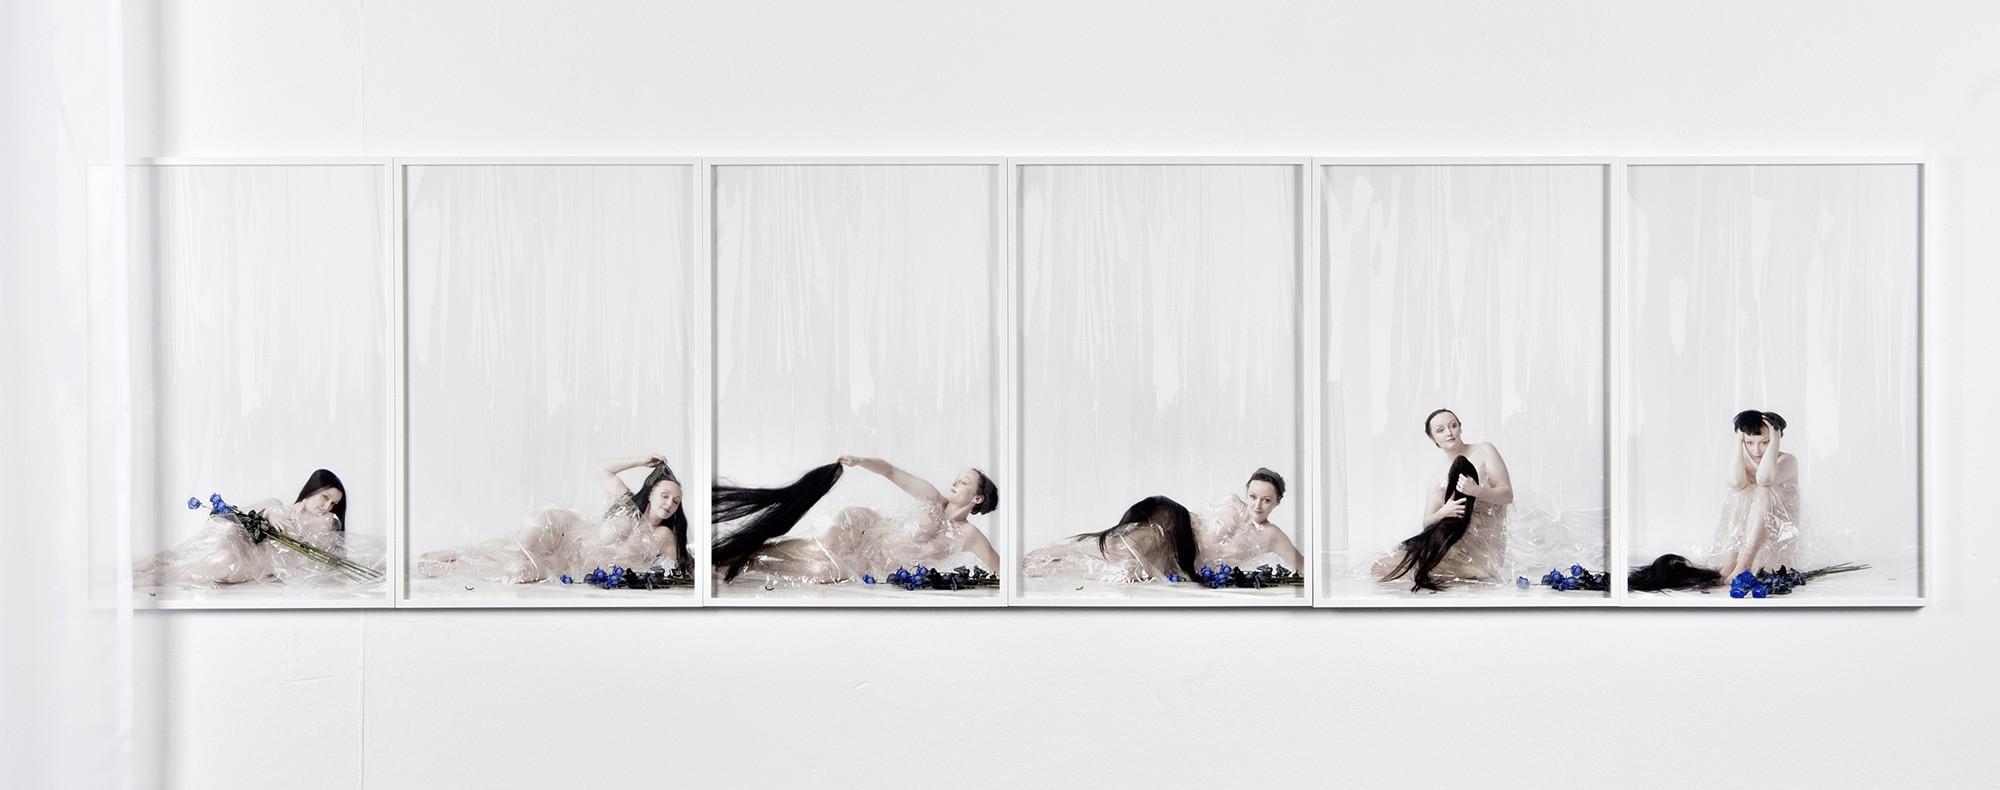 Maria Hahnenkamp, Galerie Lisi Hämmer